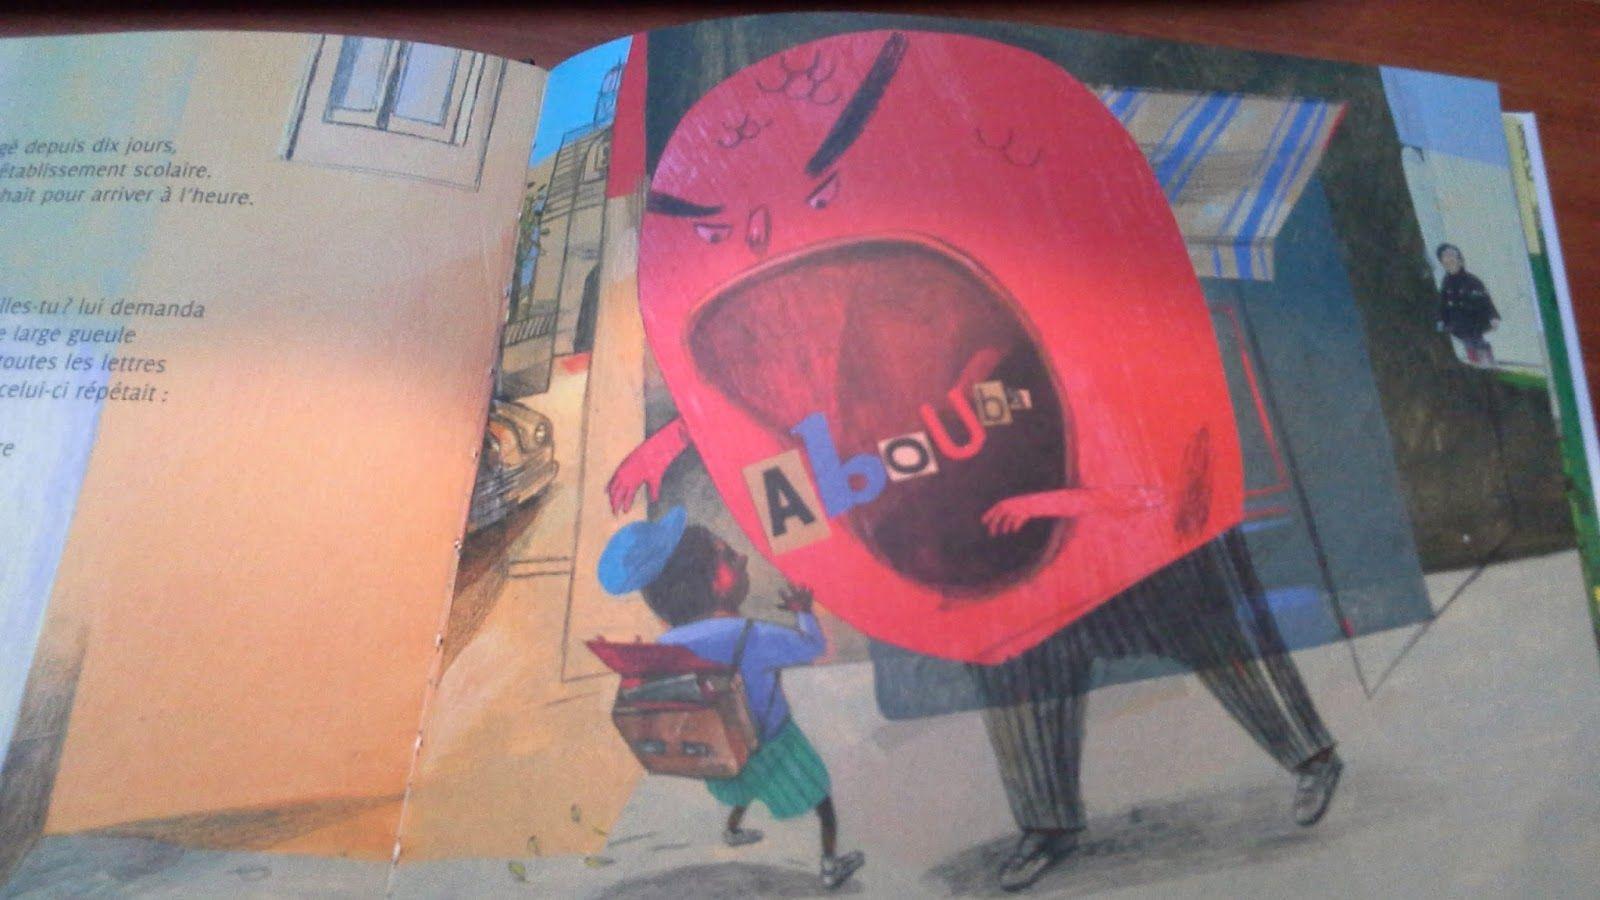 le monstre mangeur de pr noms auteur david cavillon illustrateur julien billadeau diteur. Black Bedroom Furniture Sets. Home Design Ideas